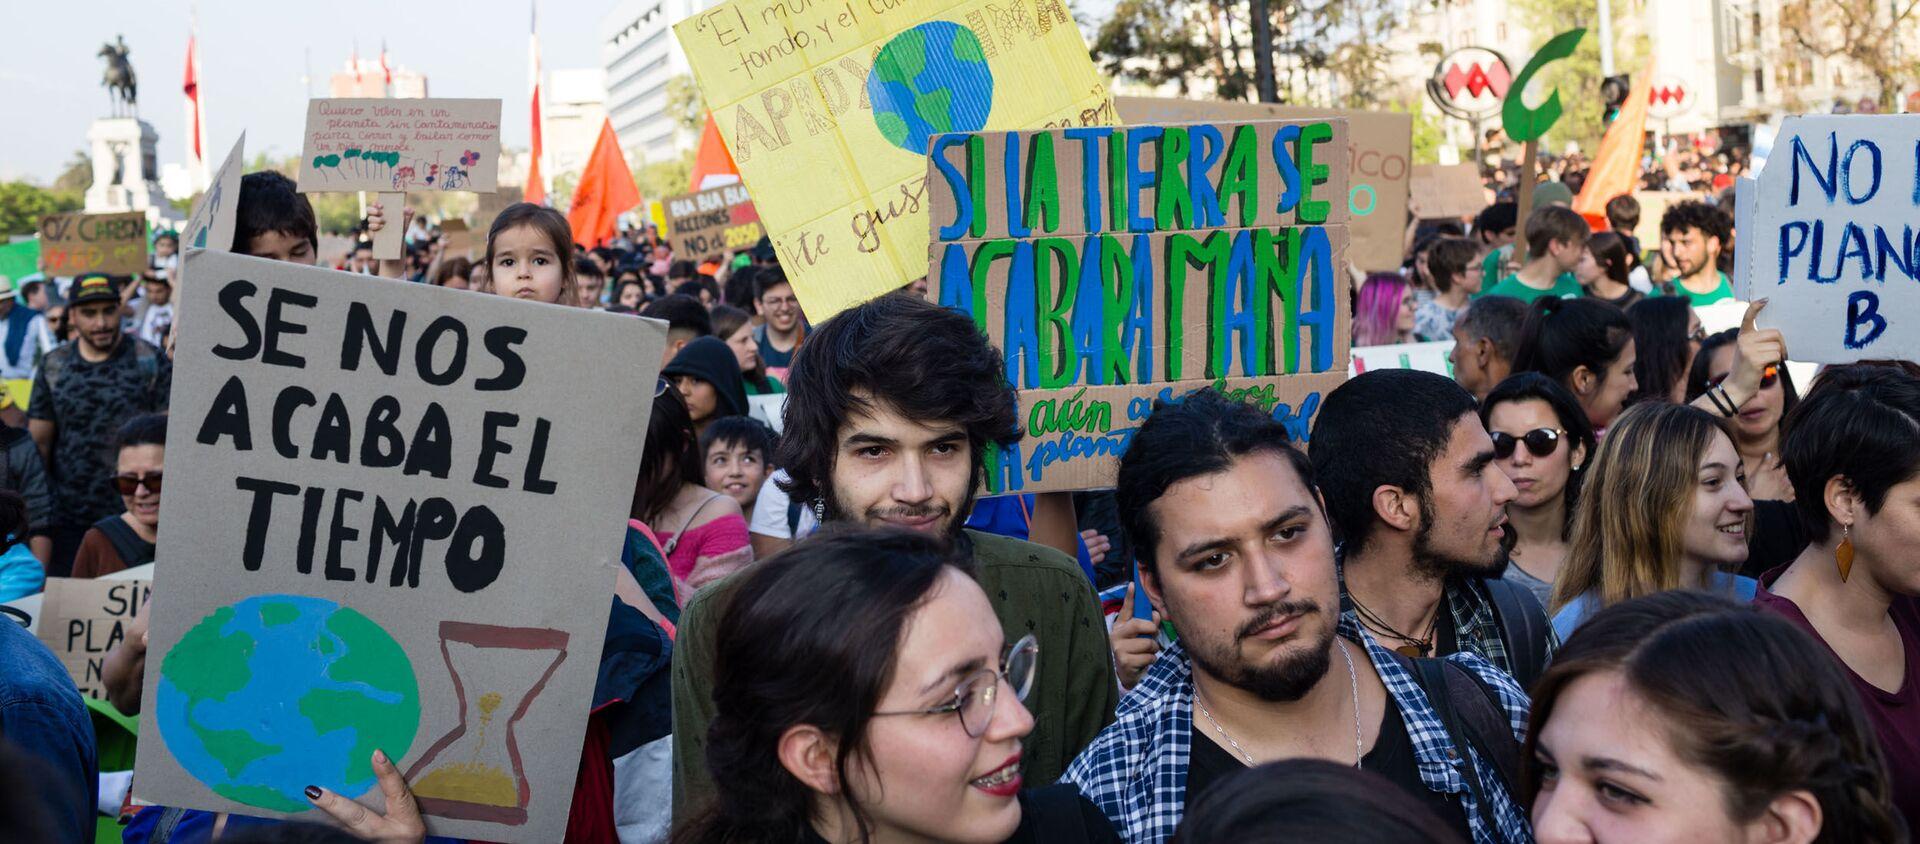 Marcha por el medioambiente - Sputnik Mundo, 1920, 27.07.2020